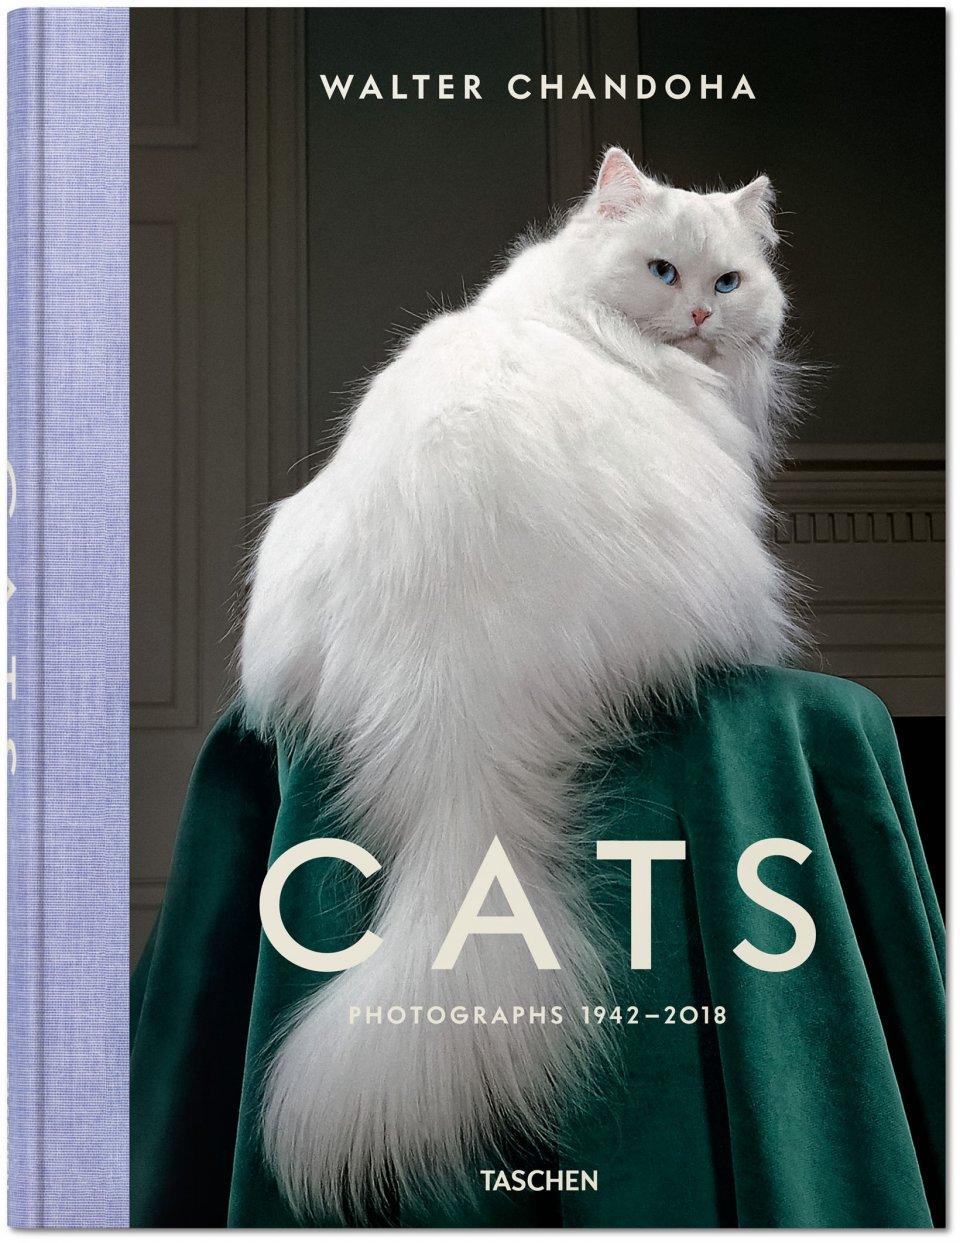 Walter Chandoha Cats - libro de fotos de gatos por Taschen